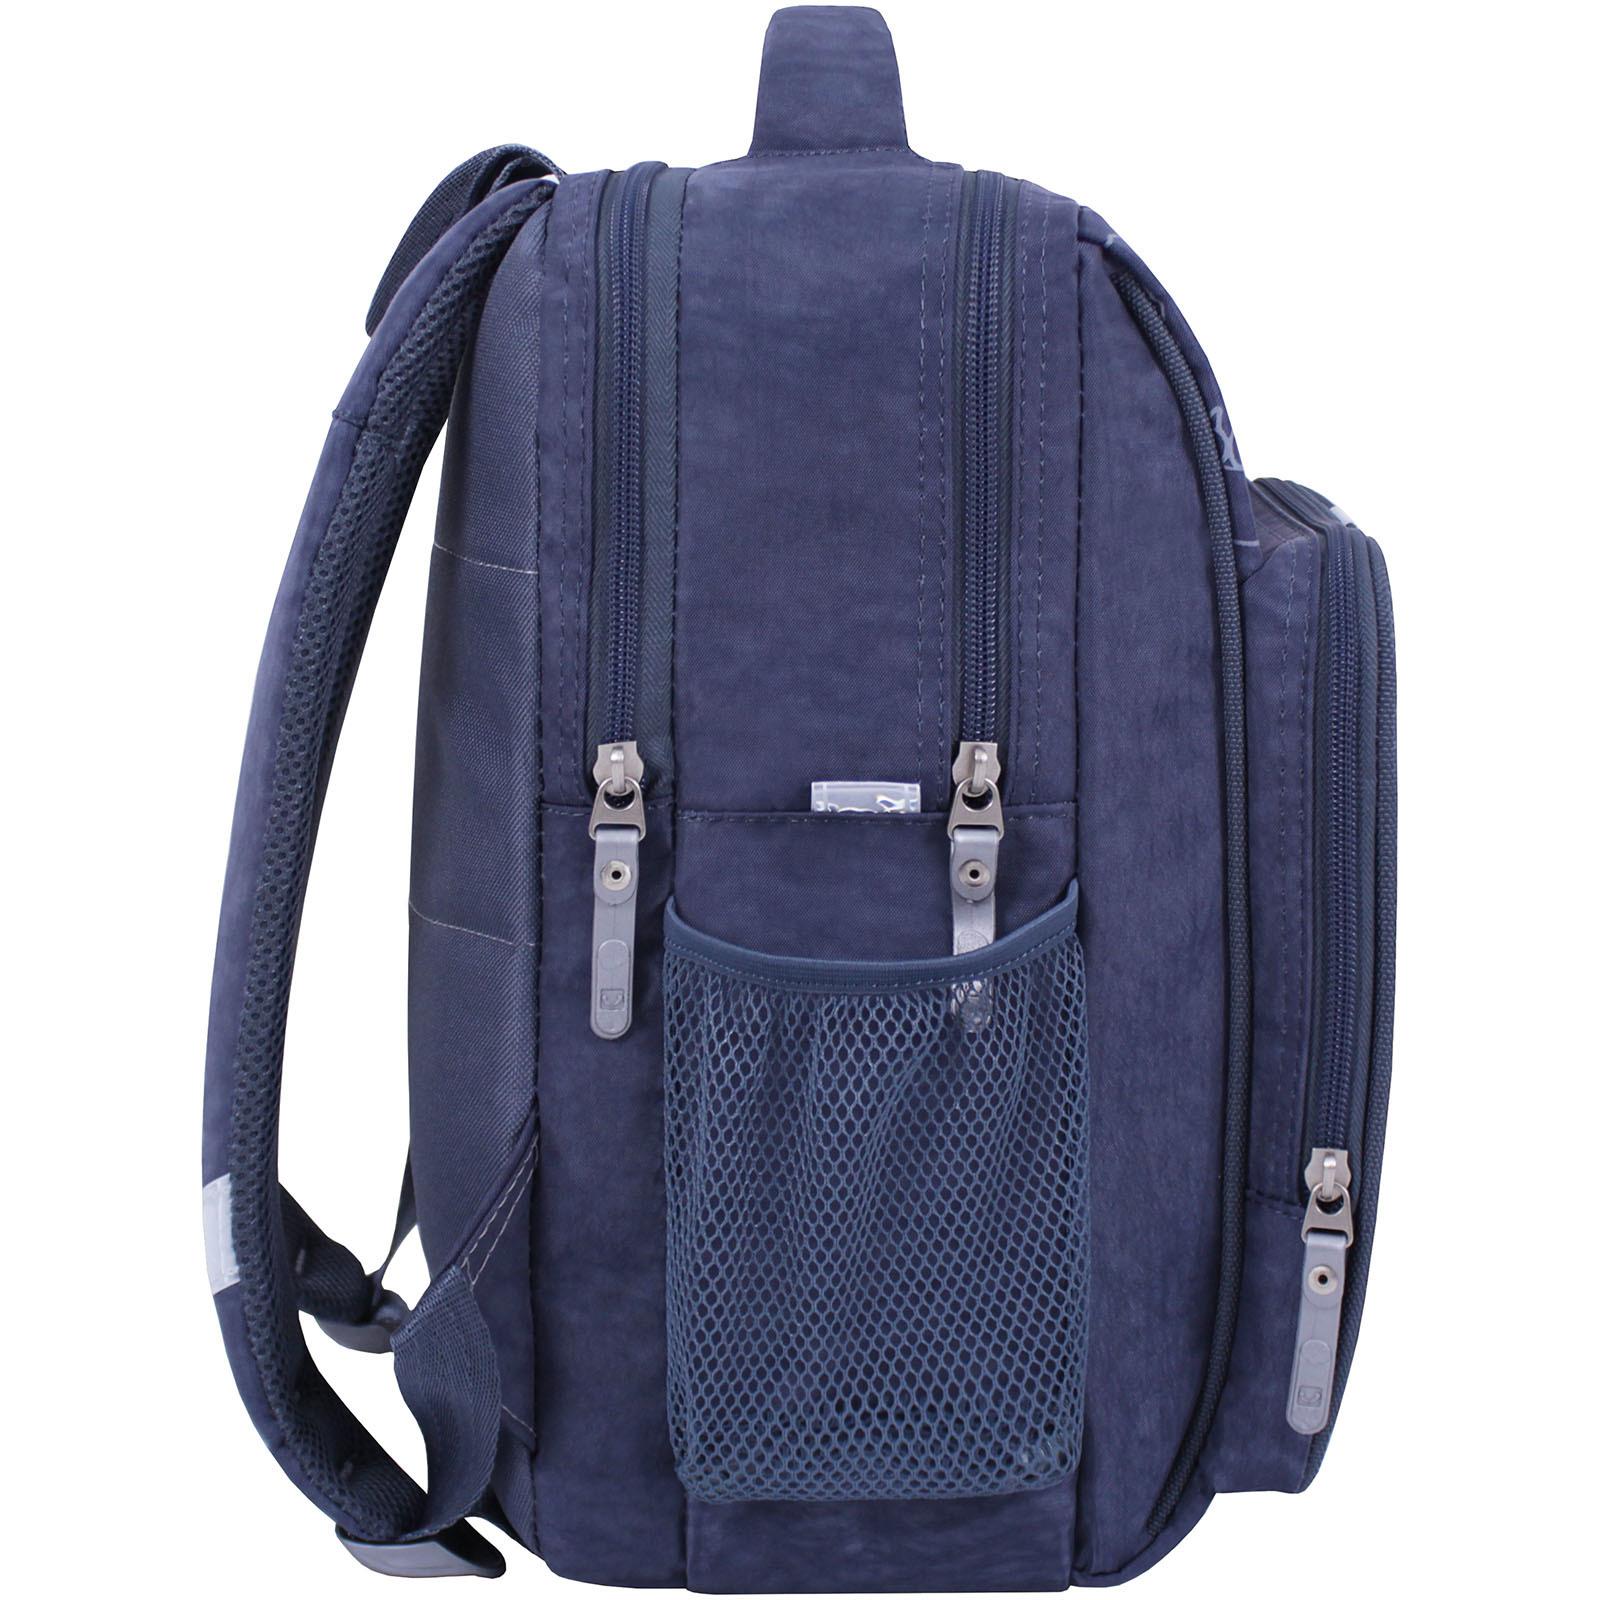 Рюкзак школьный Bagland Школьник 8 л. 321 серый 509 (00112702) фото2